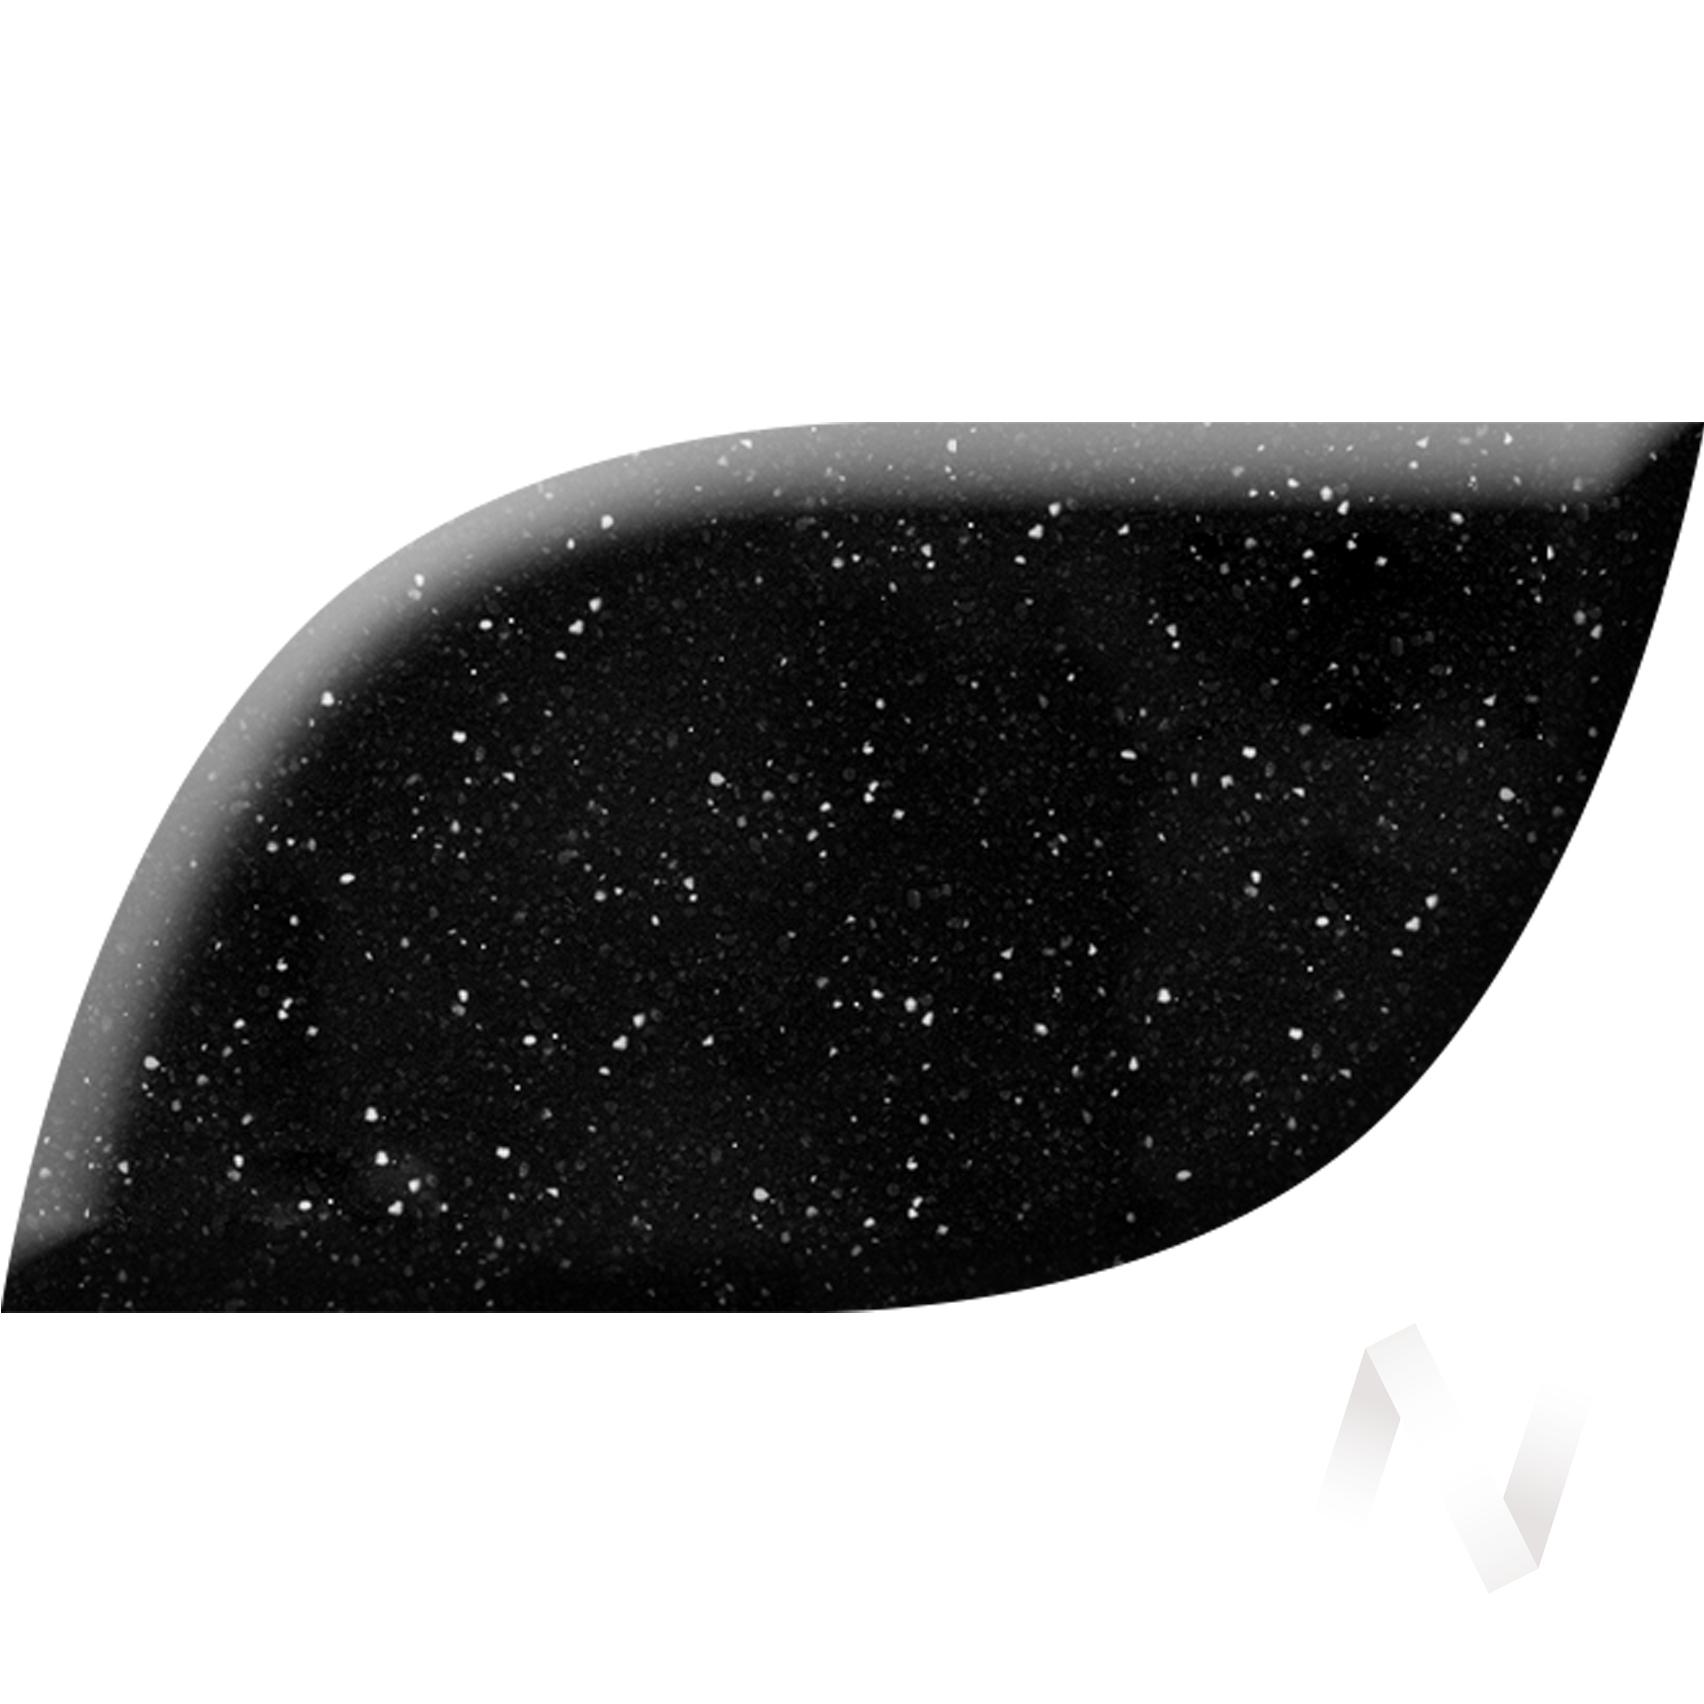 Мойка из искусственного камня Light 5 без фрезы и сифона (чёрный)  в Томске — интернет магазин МИРА-мебель